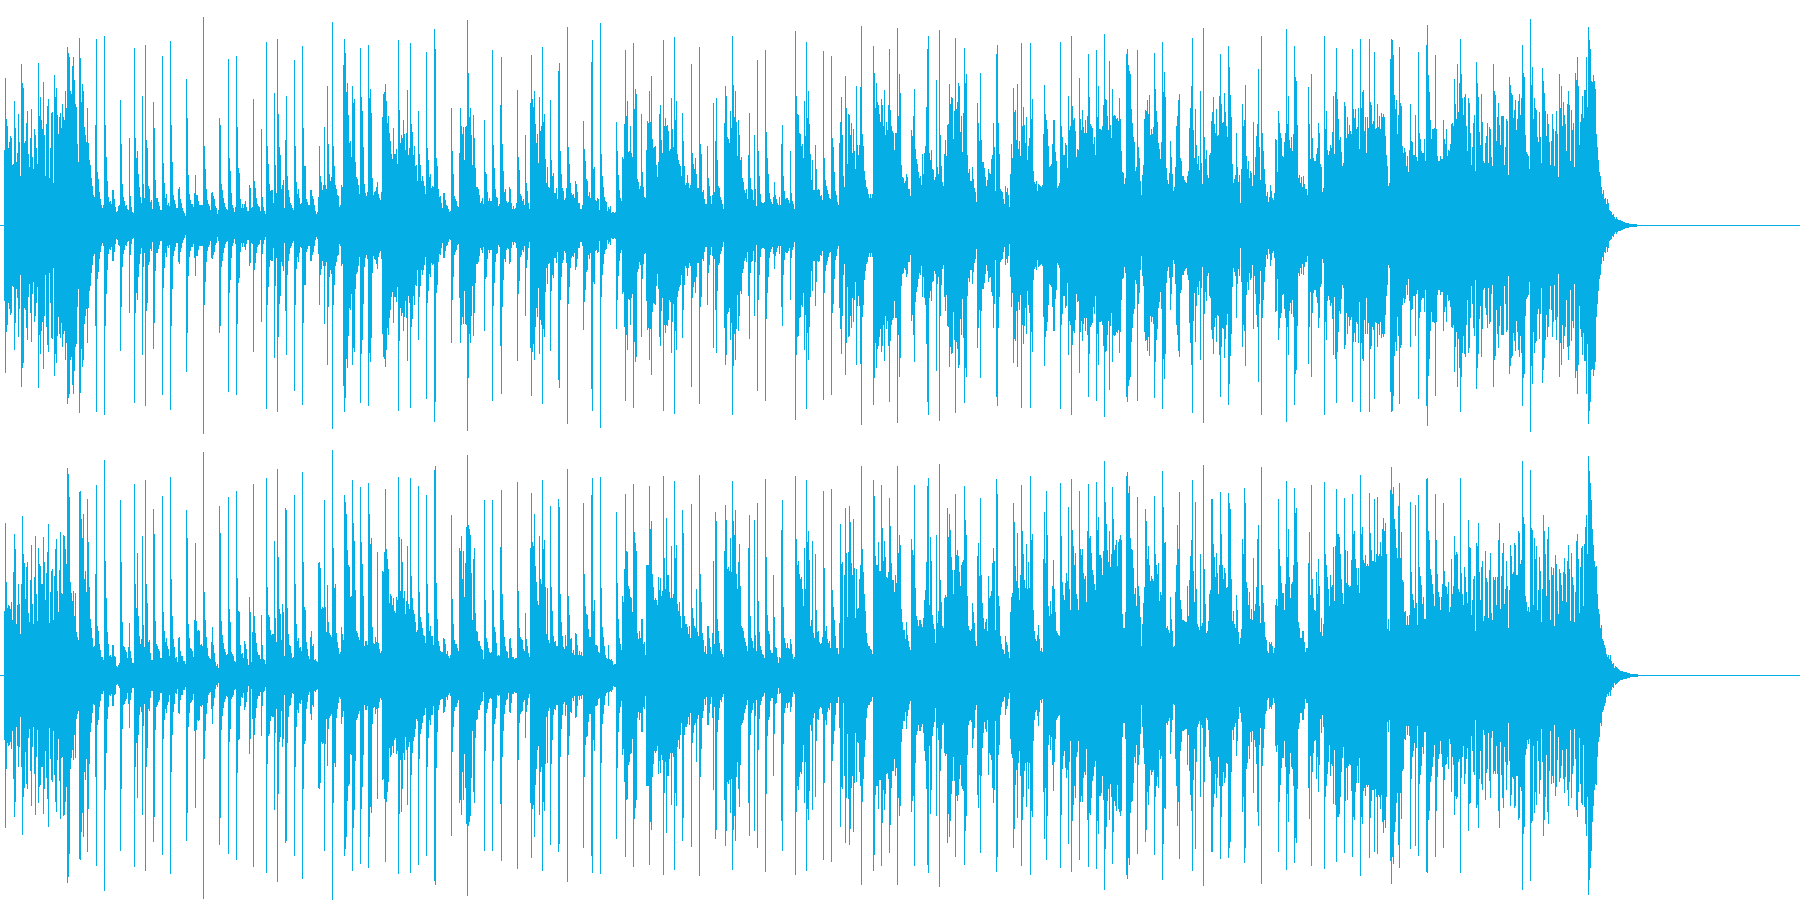 ファンキーなポップ/フュージョンの再生済みの波形